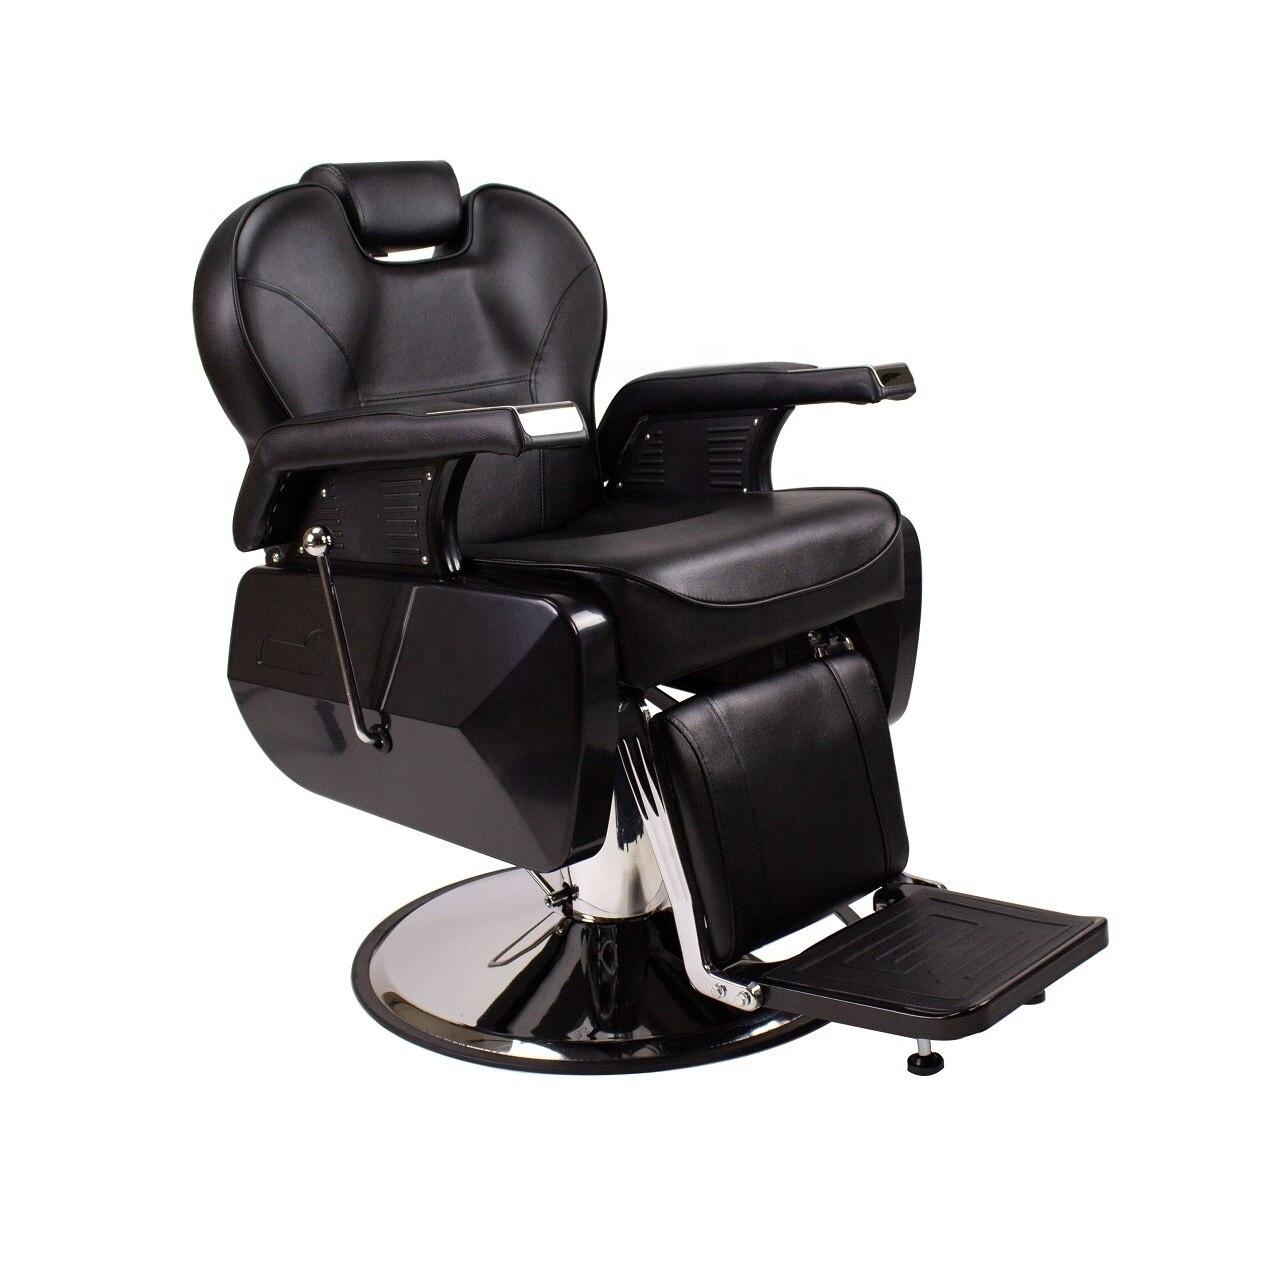 골동품 유압 이발사 살롱 가구 silla de barberia 미국 독점 공급